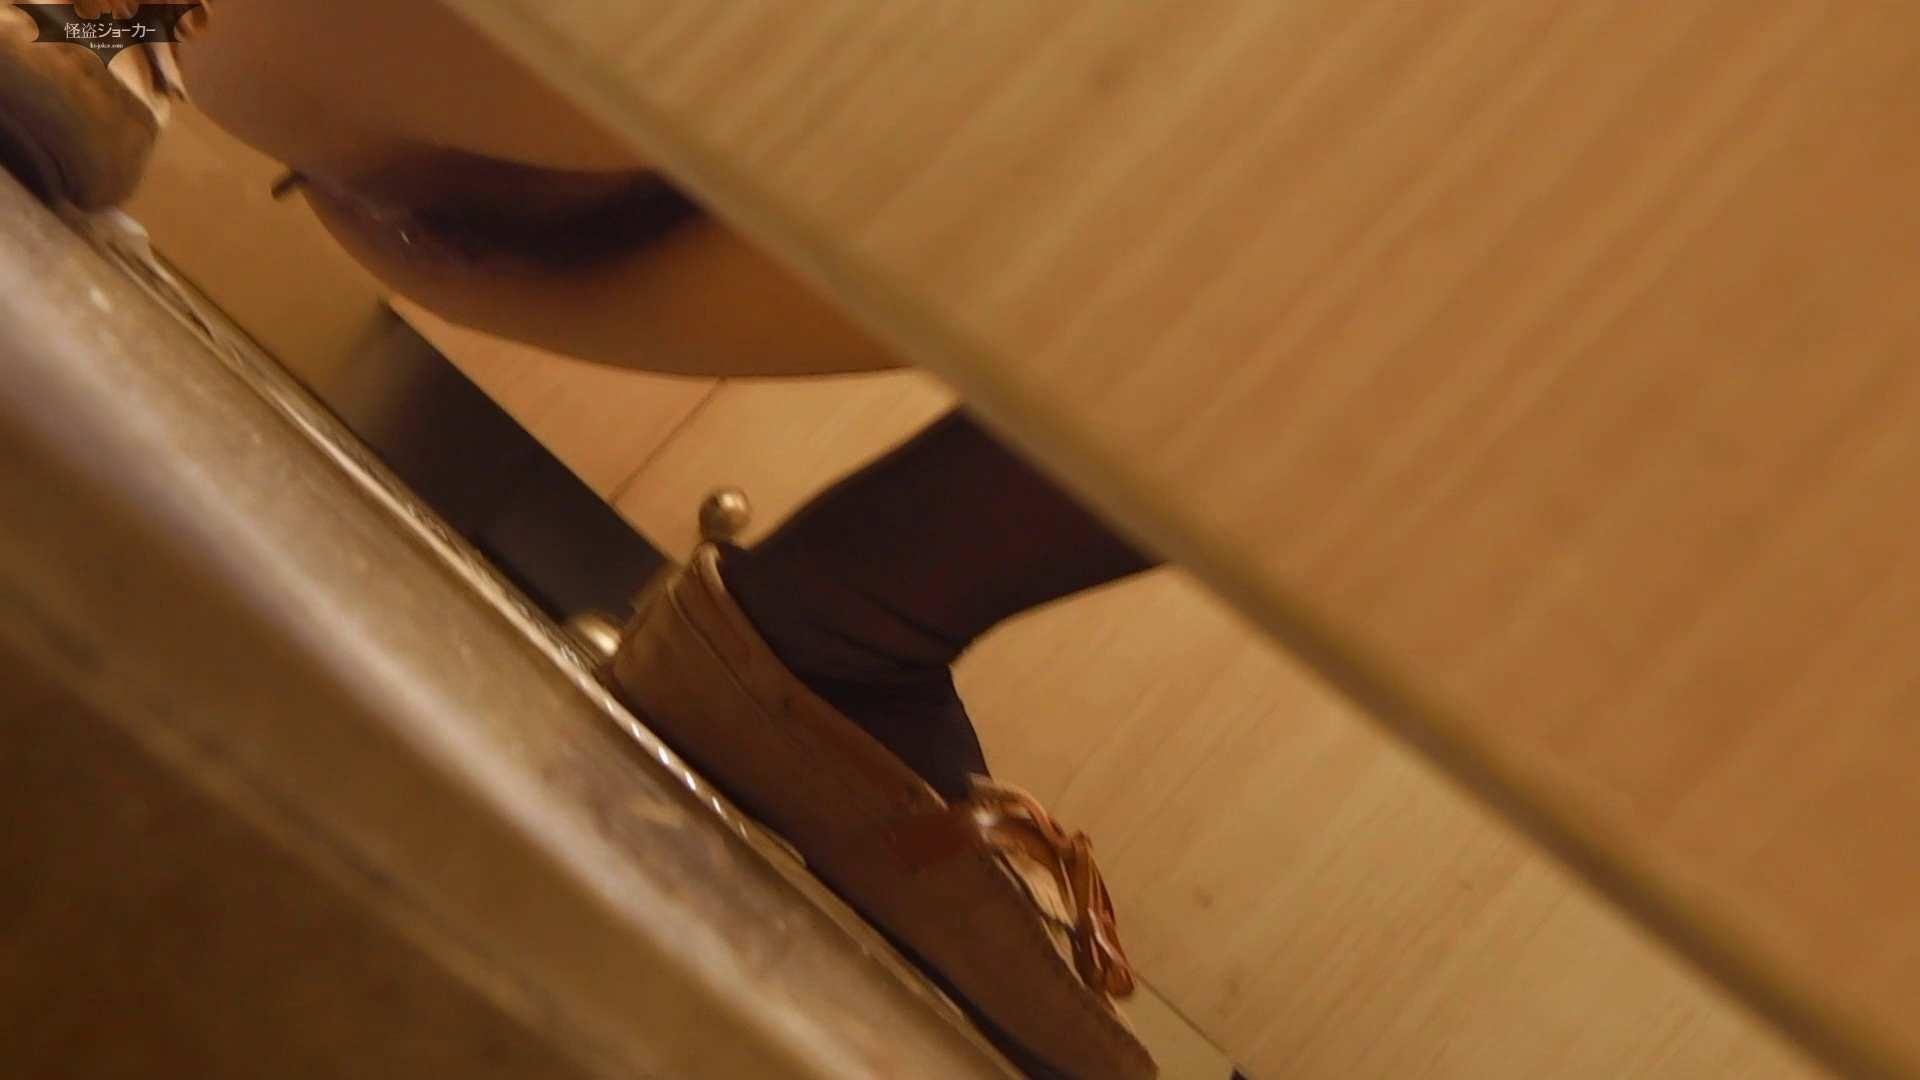 阿国ちゃんの和式洋式七変化 Vol.25 ん?突起物が・・・。 色っぽいOL達 のぞき動画画像 55pic 5